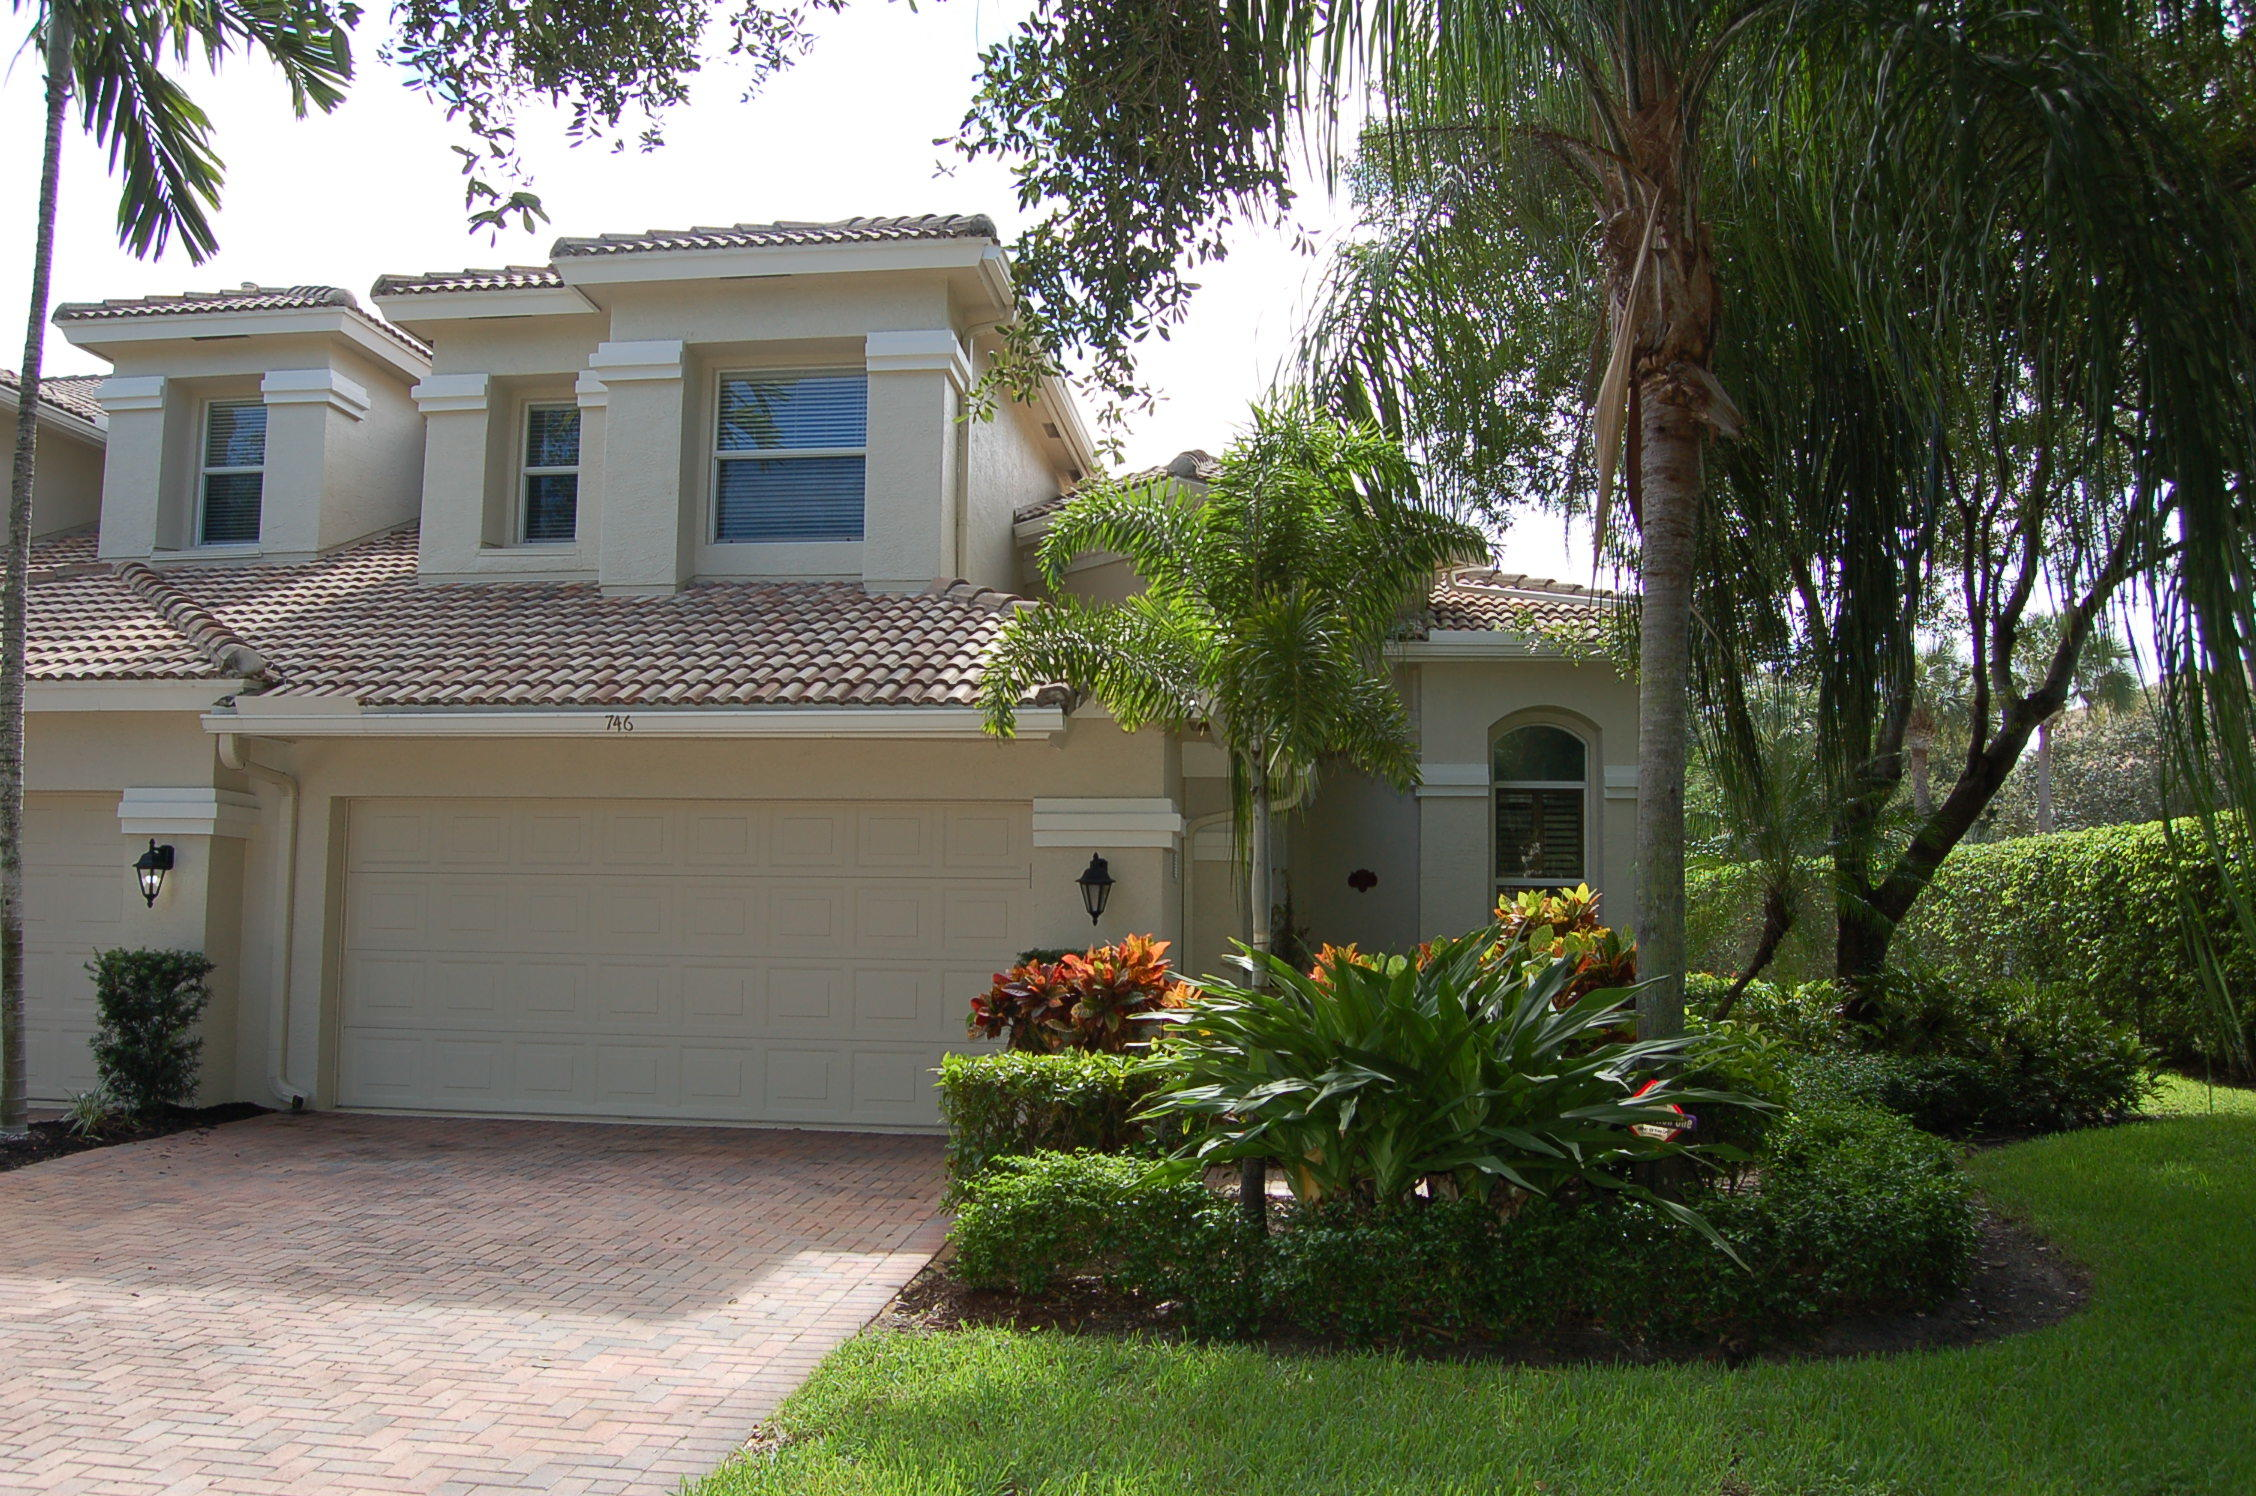 Photo of 746 Cable Beach Lane, Palm Beach Gardens, FL 33410